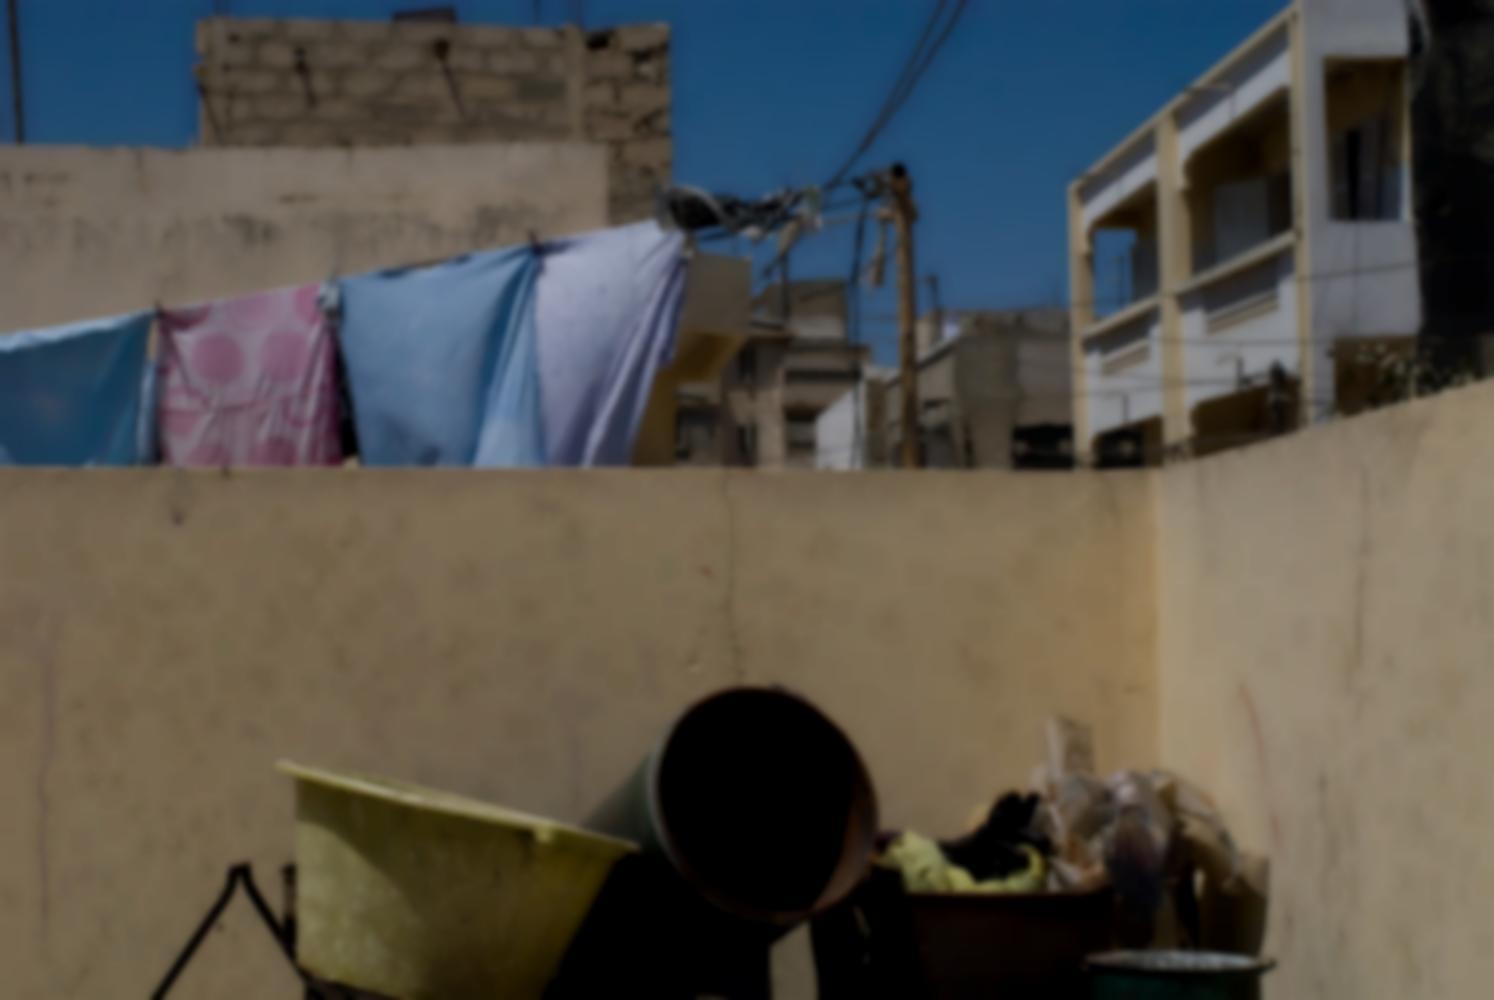 Devant le muret qui entoure le toit, des seaux et des bassines en plastique. Derrière, du linge qui sèche, des immeubles, peints ou non, et un enchevêtrement de fils électriques. Dakar, Sénégal, mars 2010.